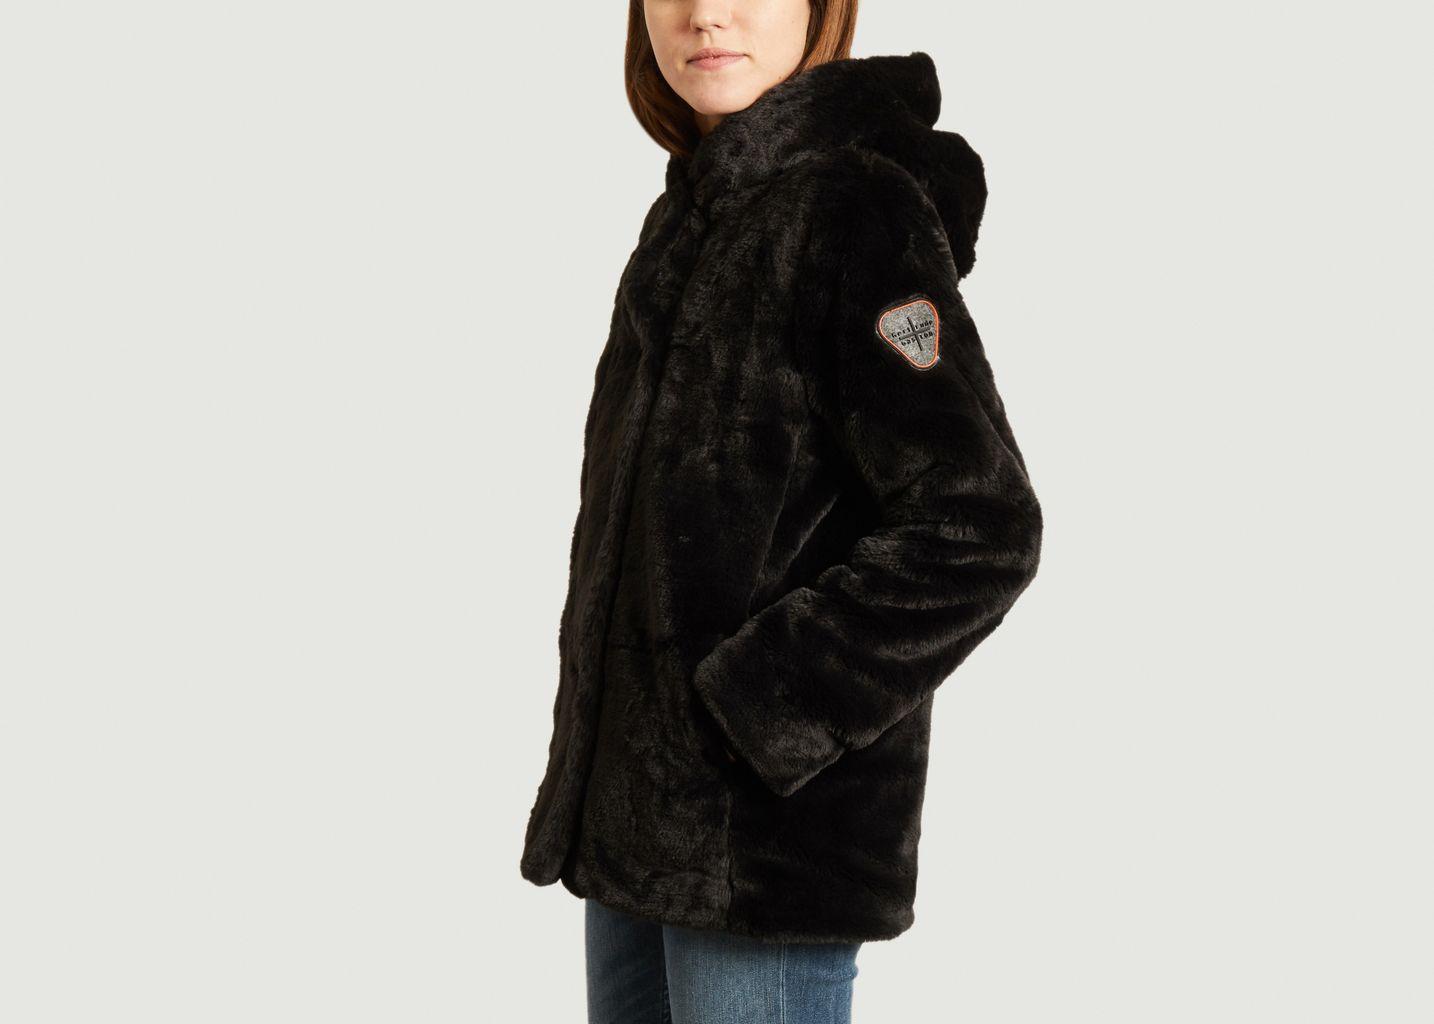 Manteau effet fourrure à capuche Fortuna - Gertrude + Gaston